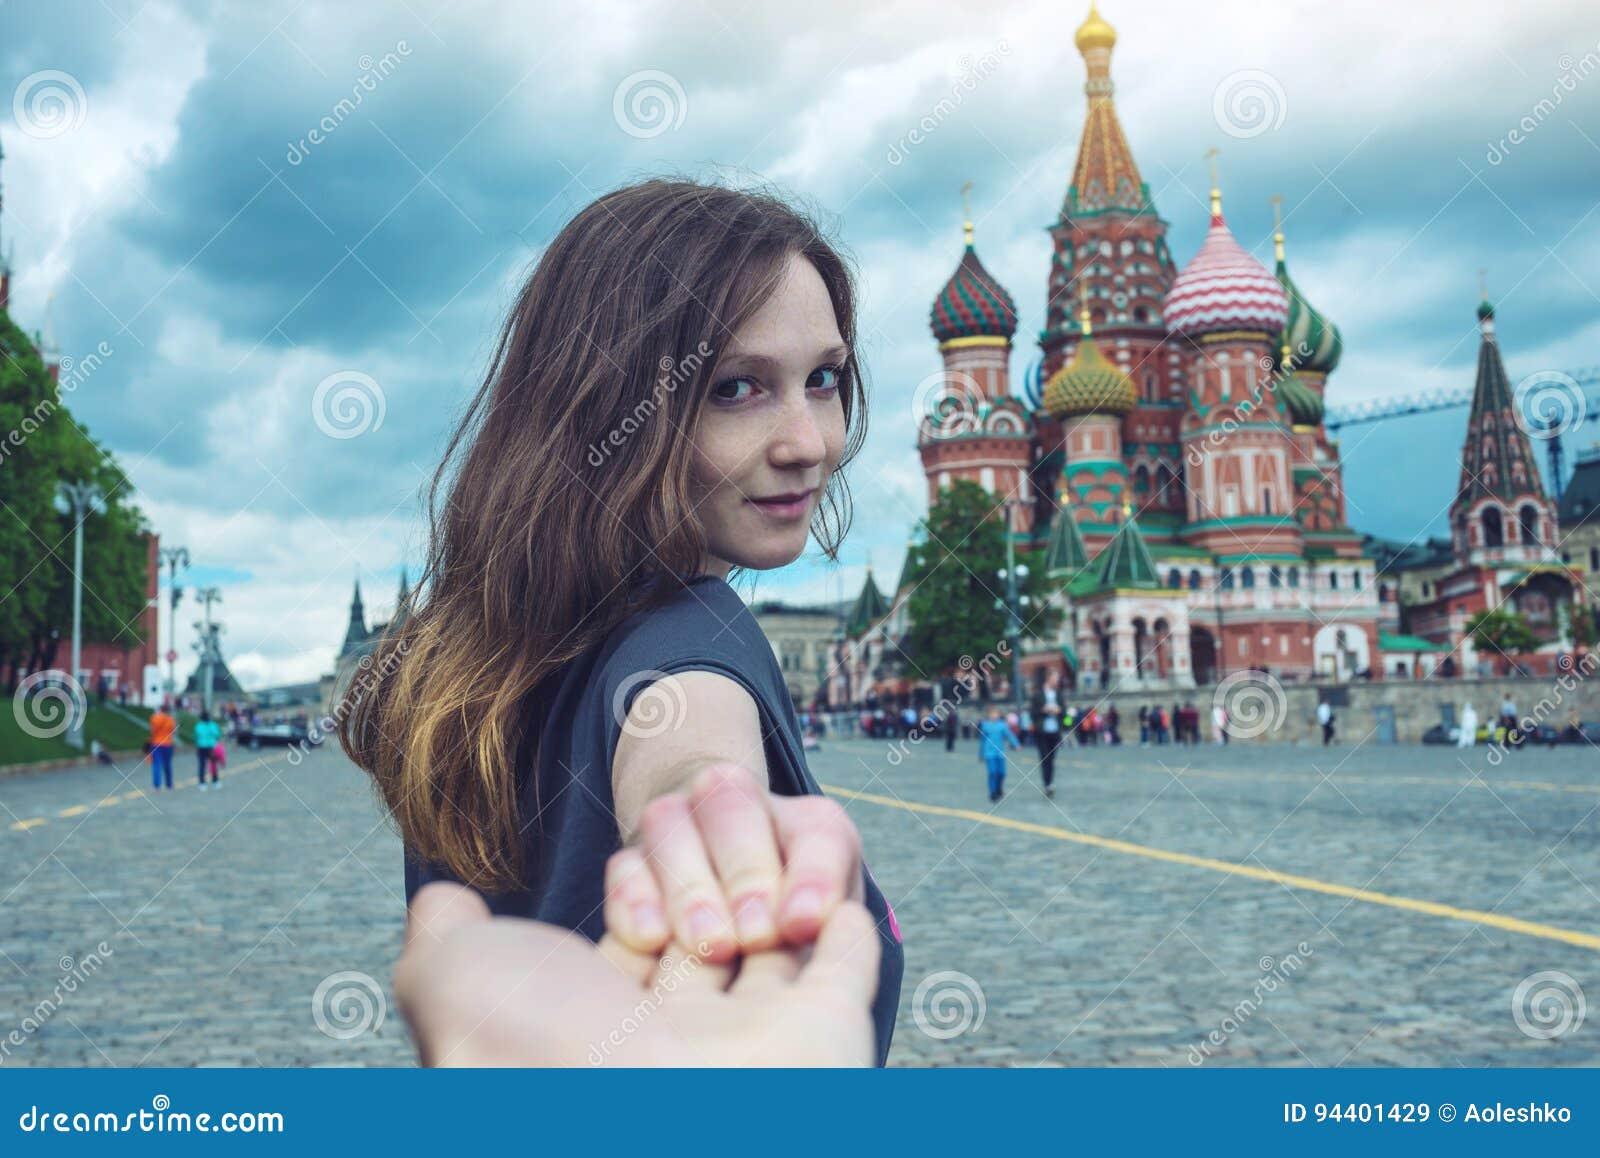 Följ mig, den attraktiva brunettflickan som rymmer handen, leder till den röda fyrkanten i Moskva Ryssland